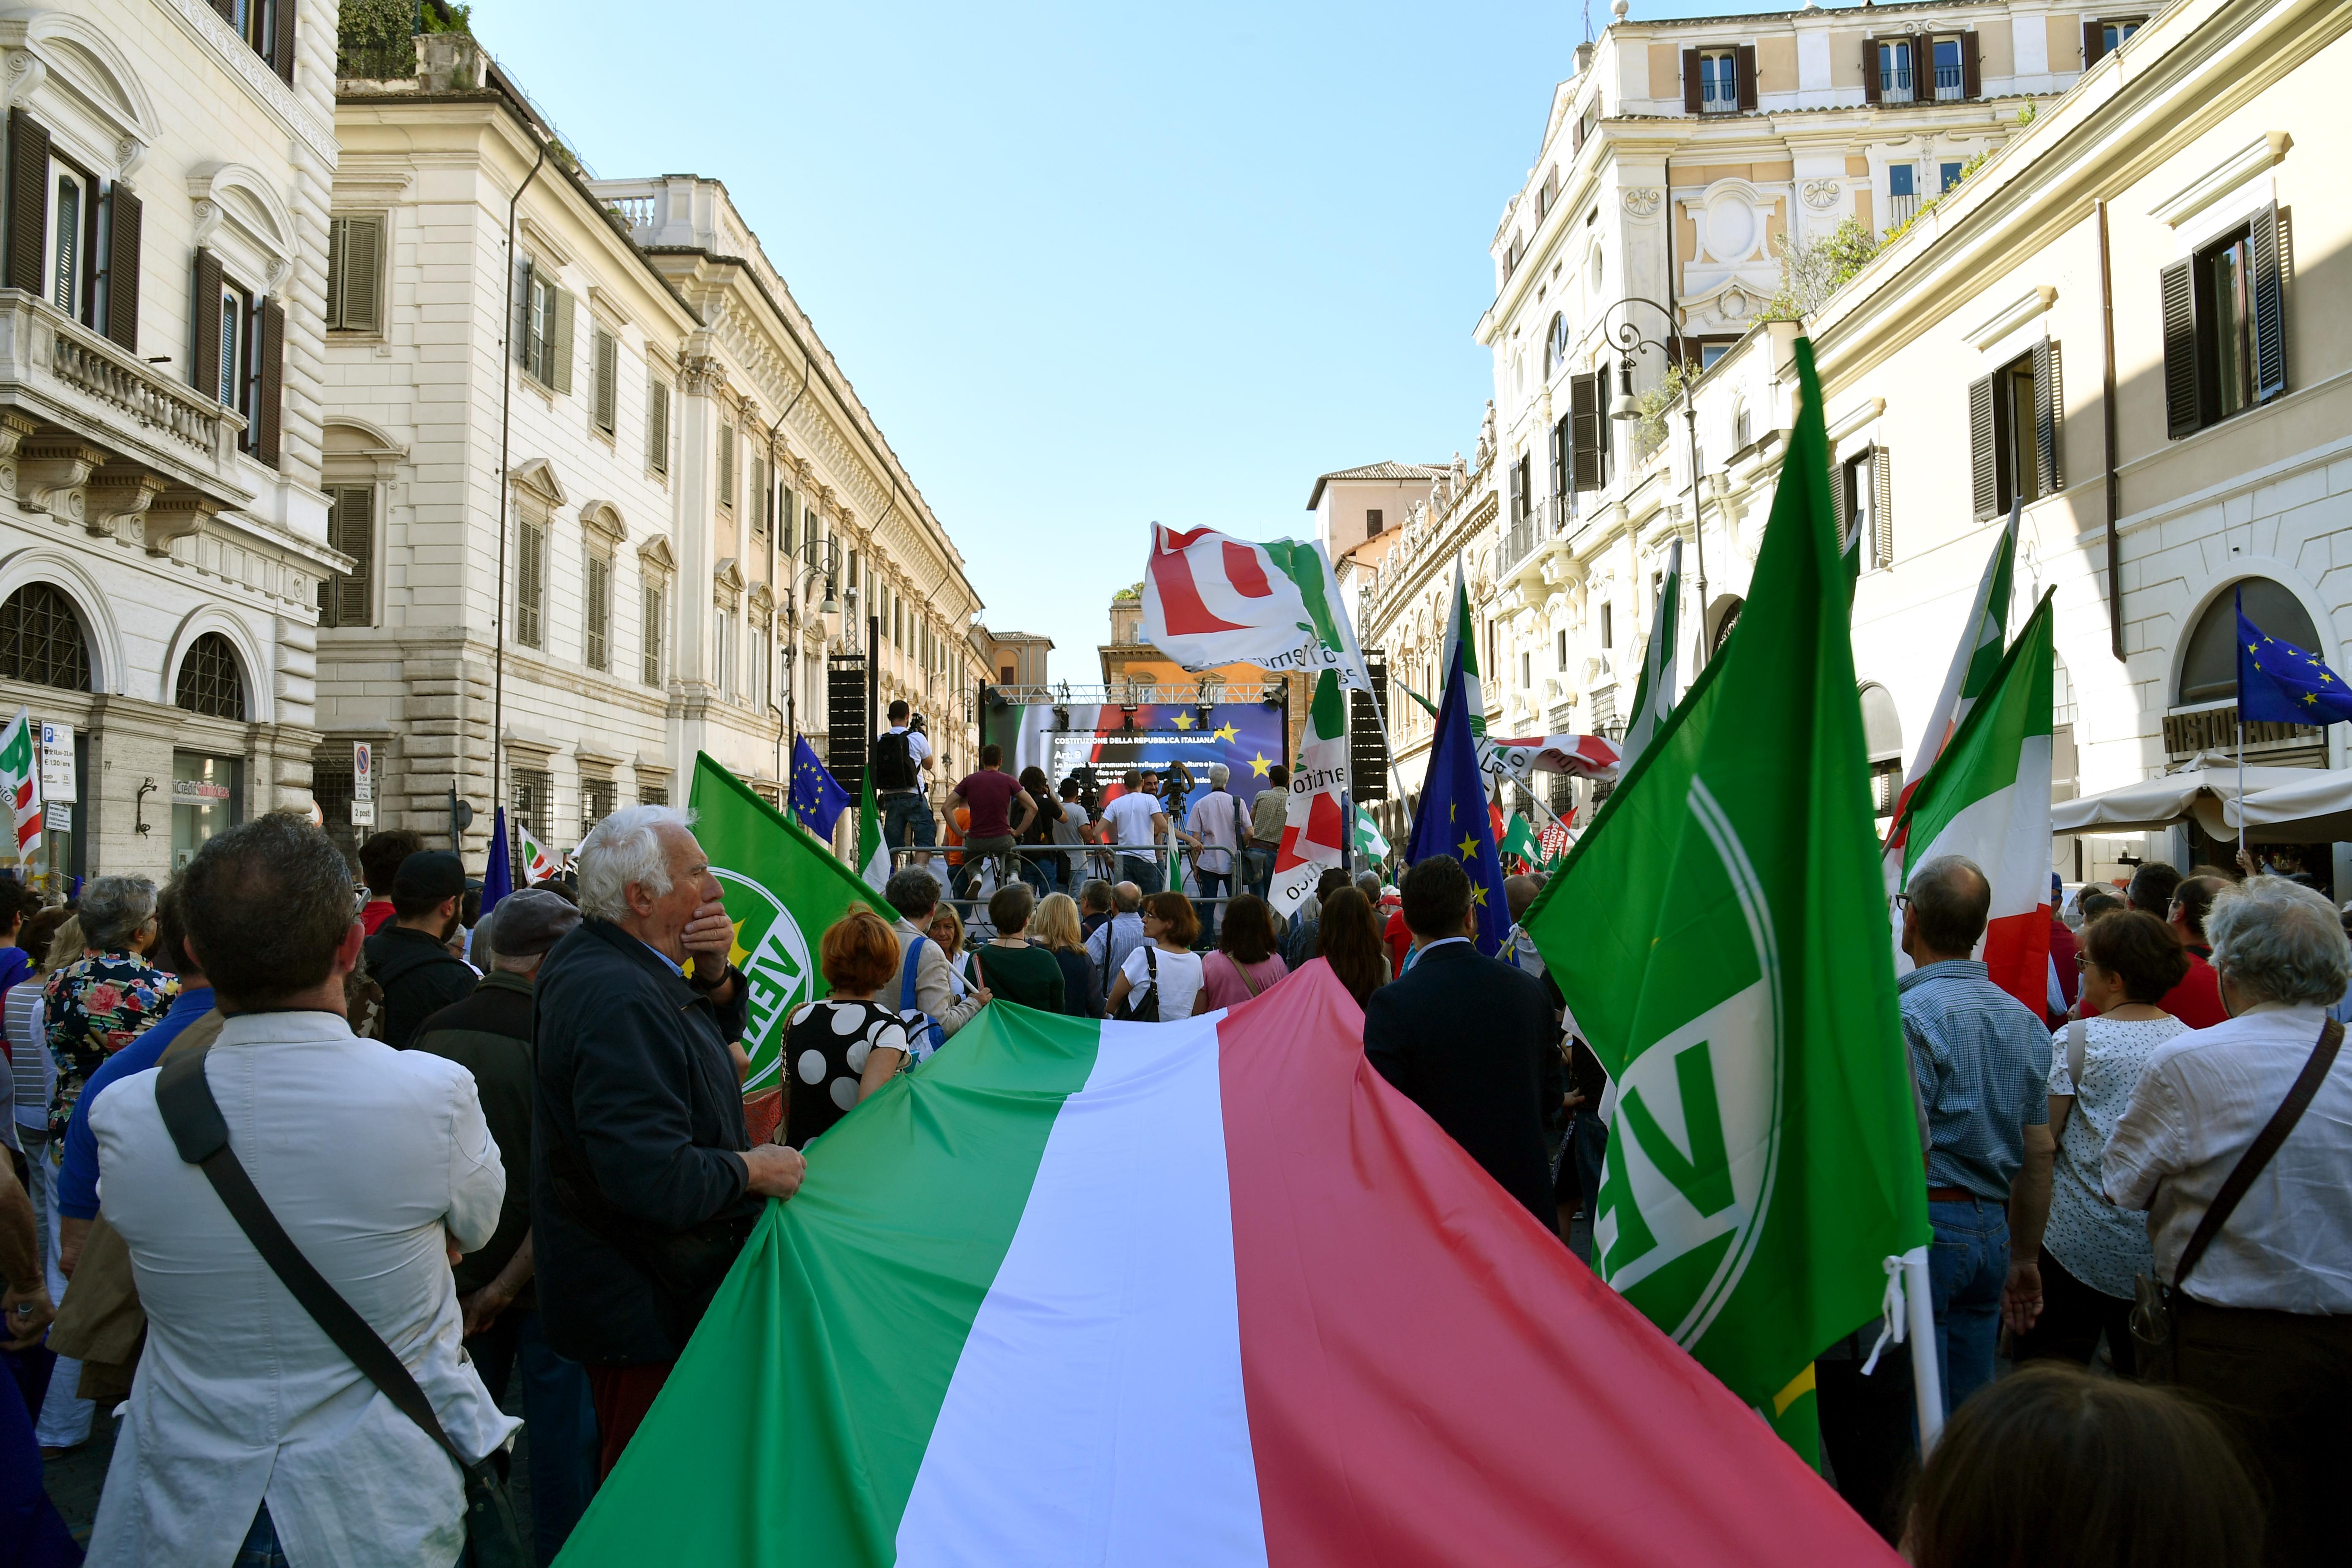 Olasz mércével is őrült hét után, de végül útjára indul a nagy mainstream-ellenes kormány